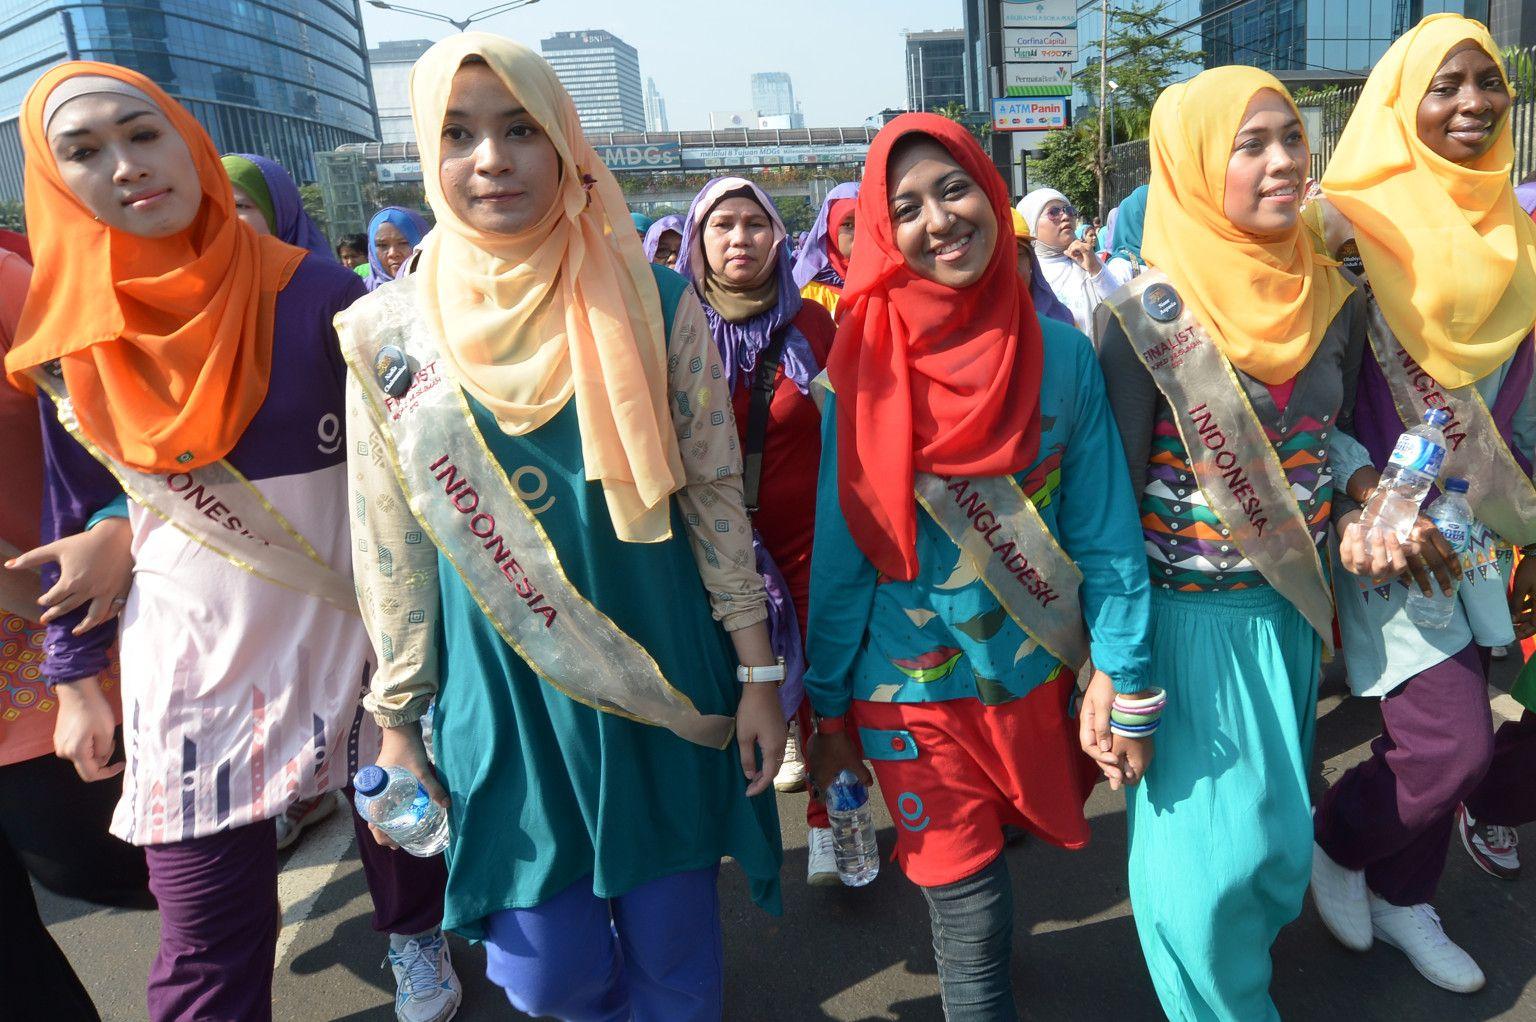 Mujer musulmana Indonesia- Bangladesh- desfile de moda (Miss World Muslimah 2013) | Galería de Arte Islámico y Fotografía